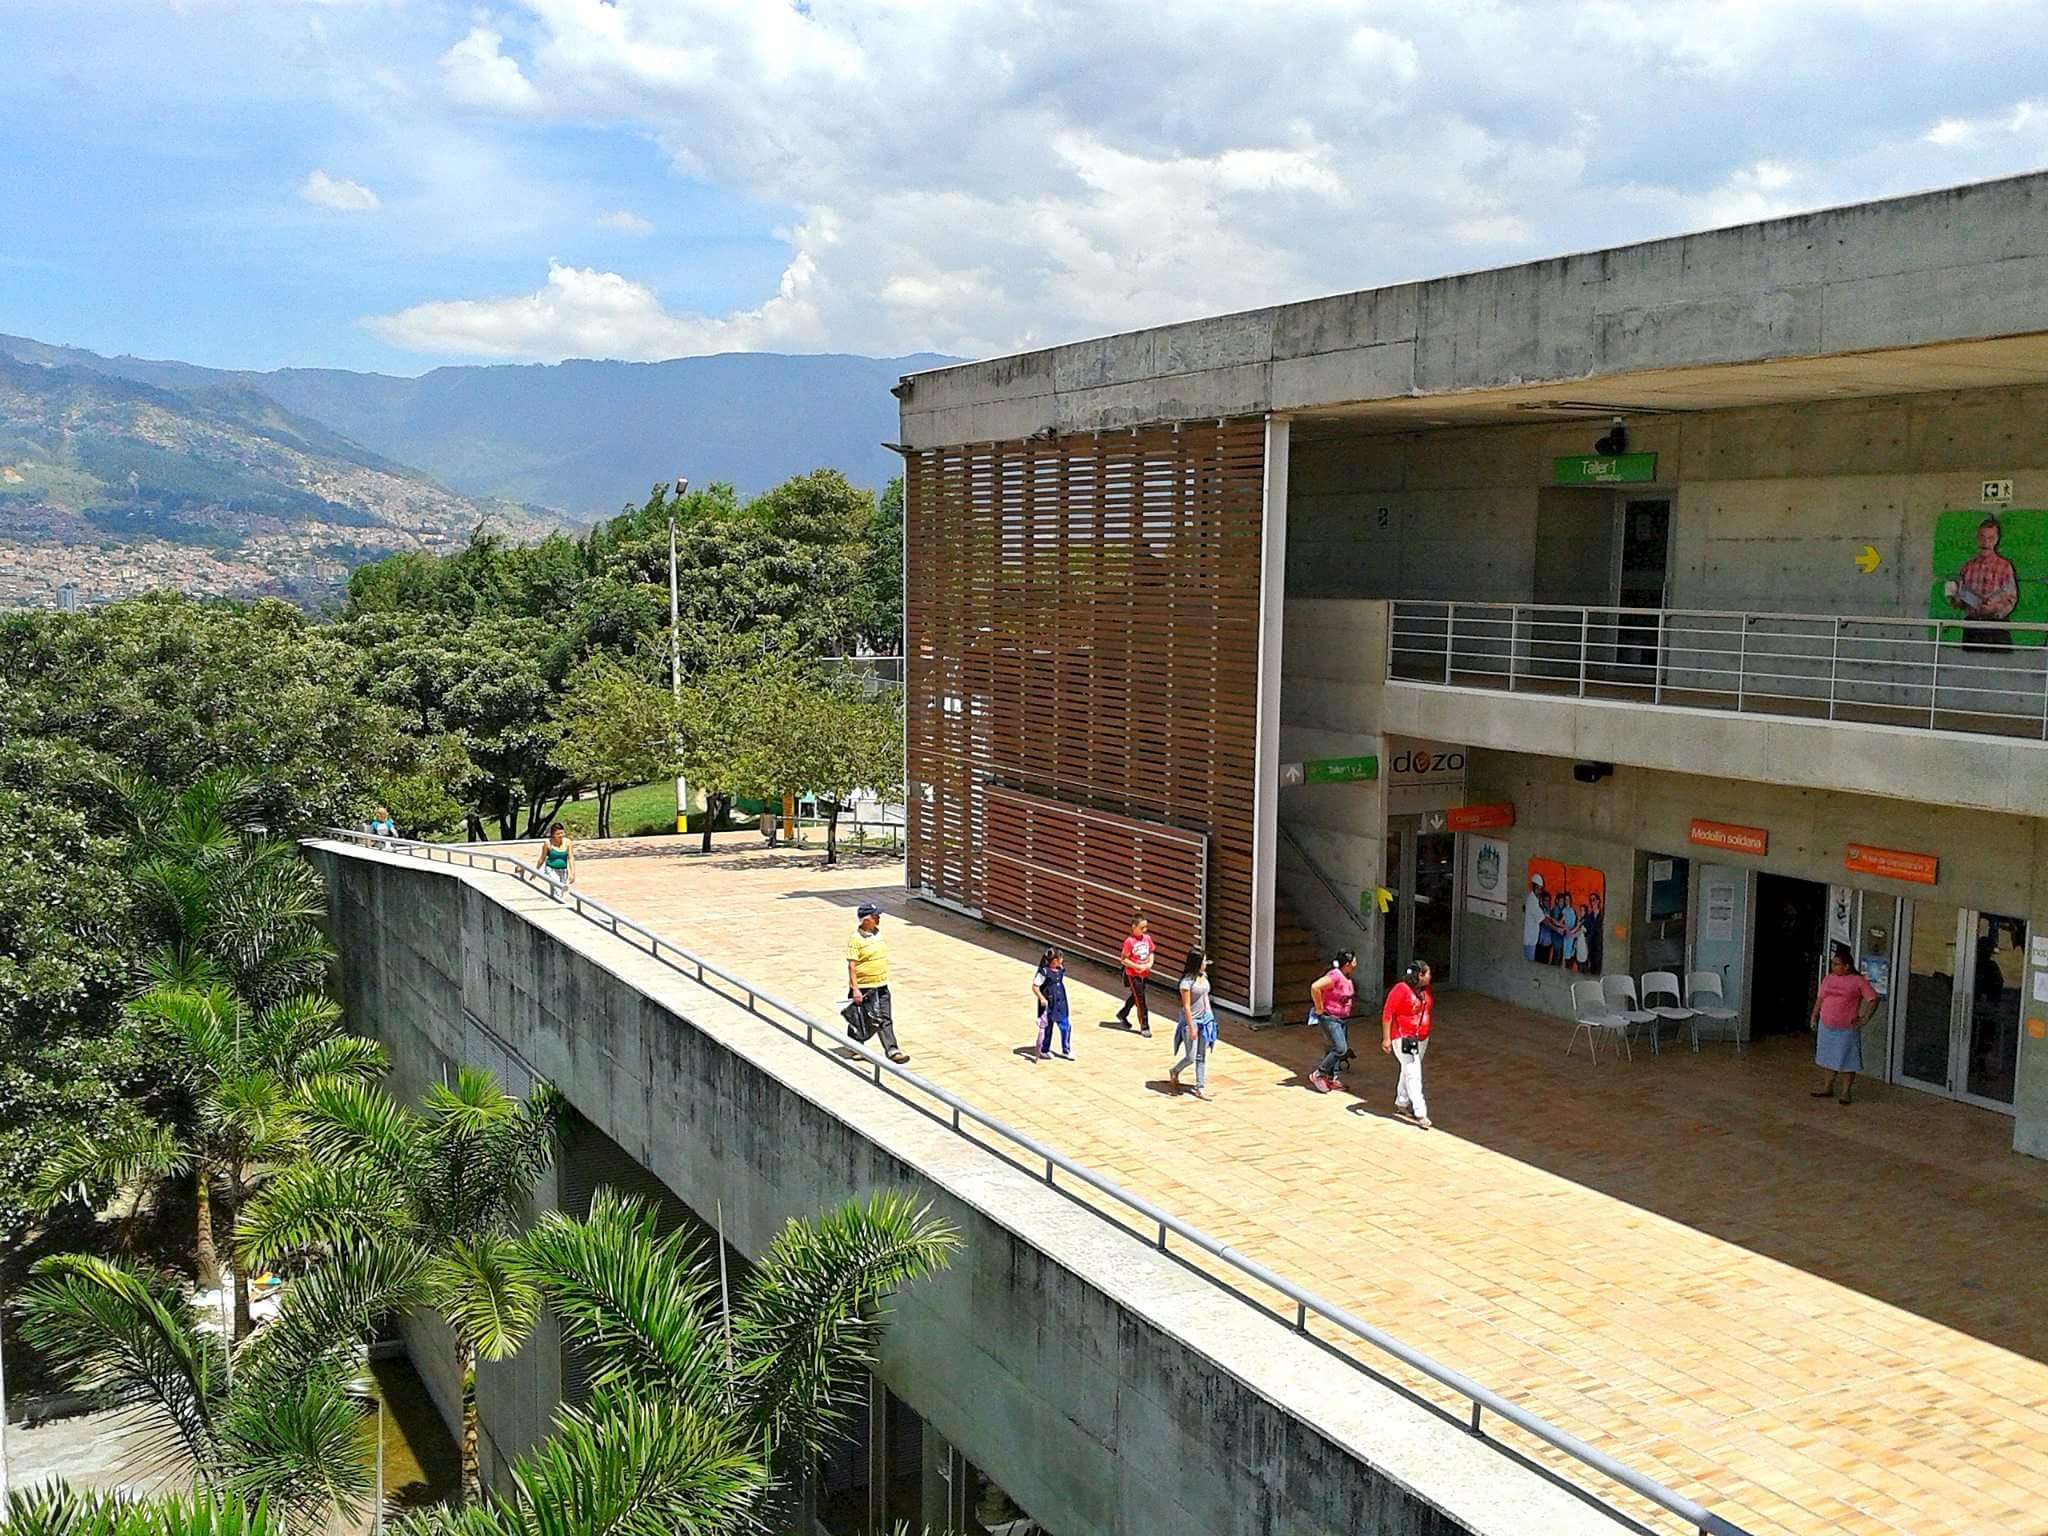 Parque Biblioteca Tomás Carrasquilla. Foto: Ricardo La Rotta, 2016